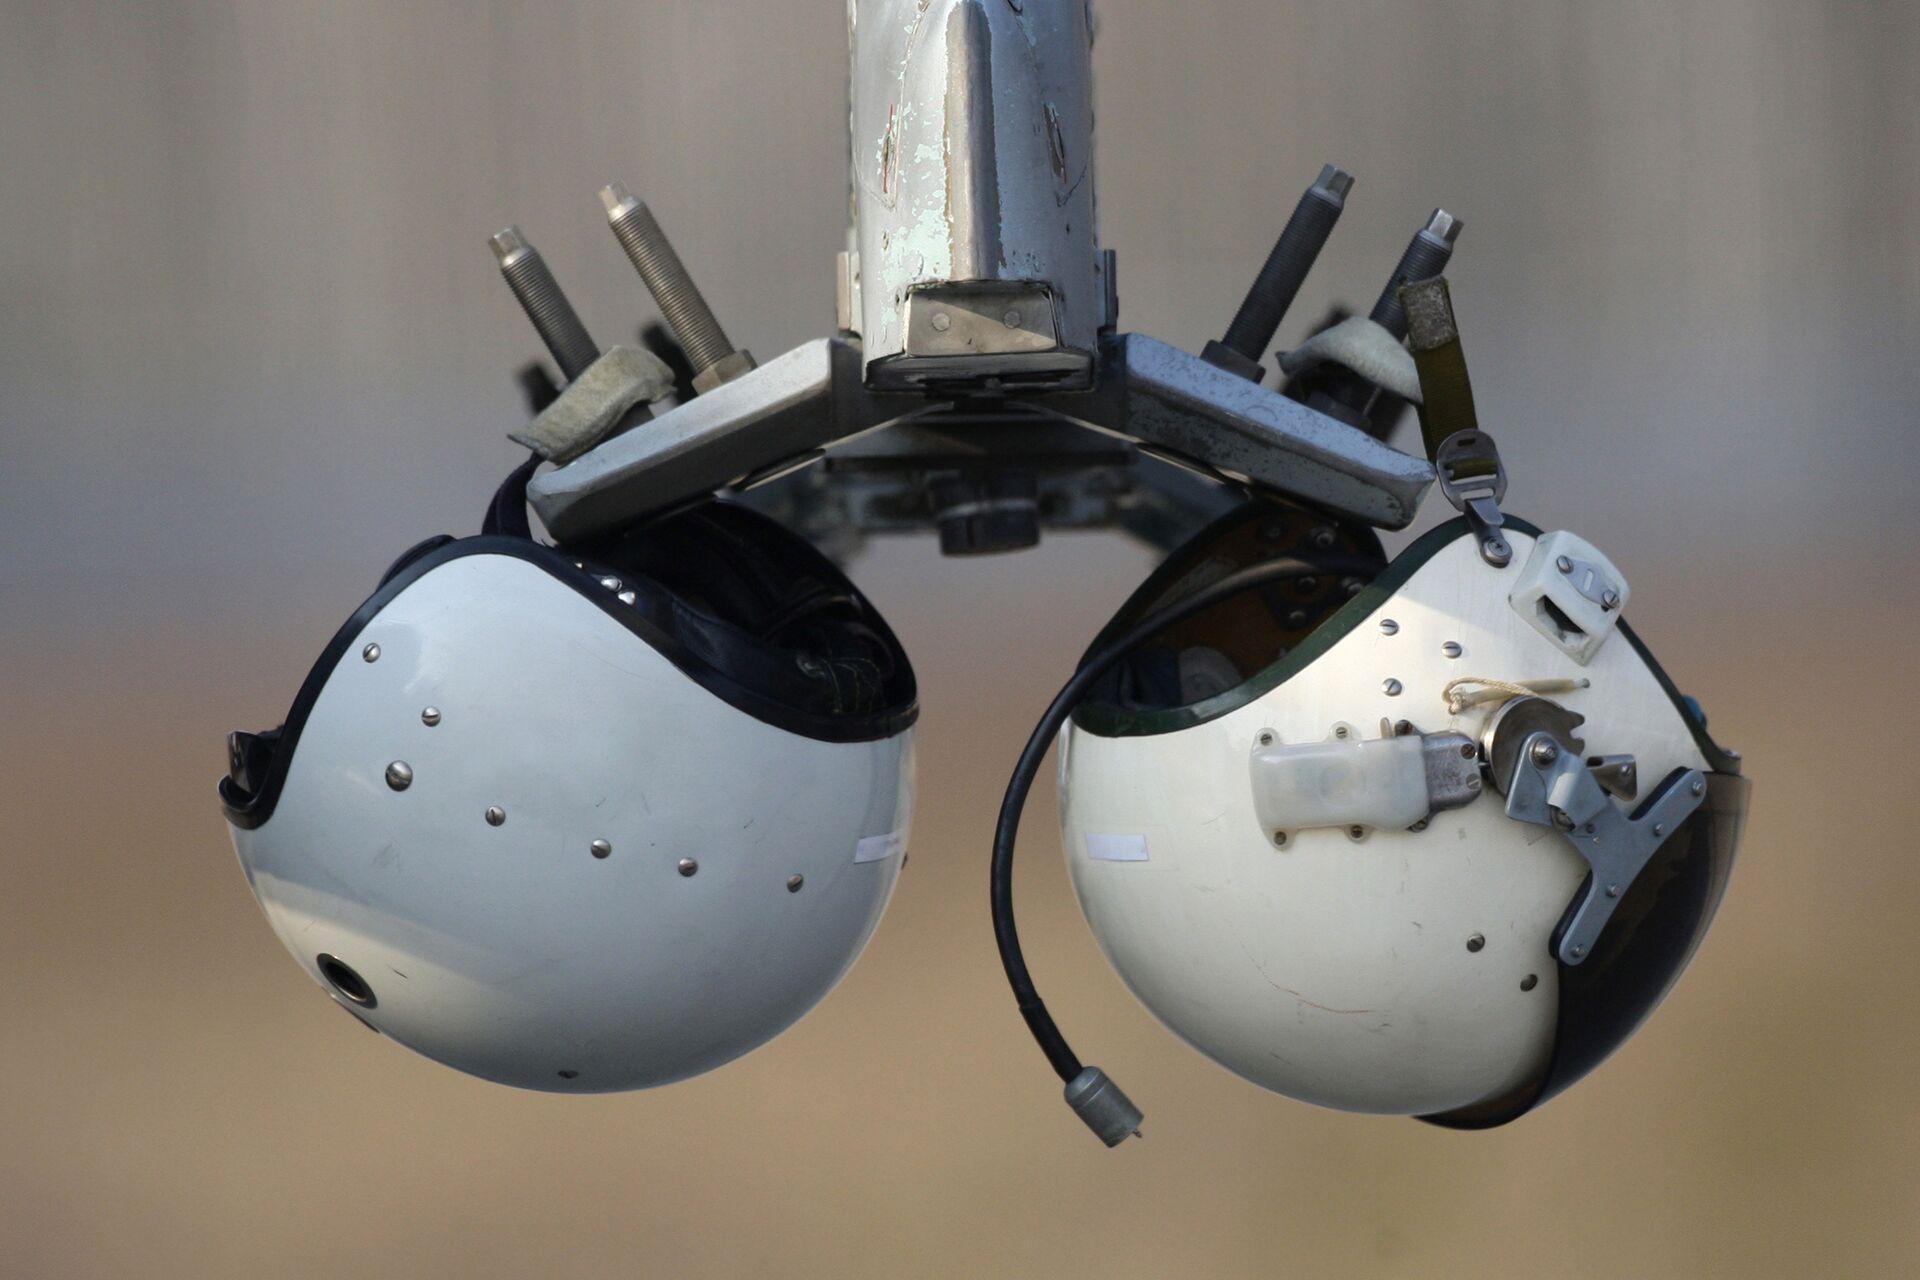 Шлемы пилотов, принявших участие в репетиции пилотажных групп военного парада - РИА Новости, 1920, 02.02.2021